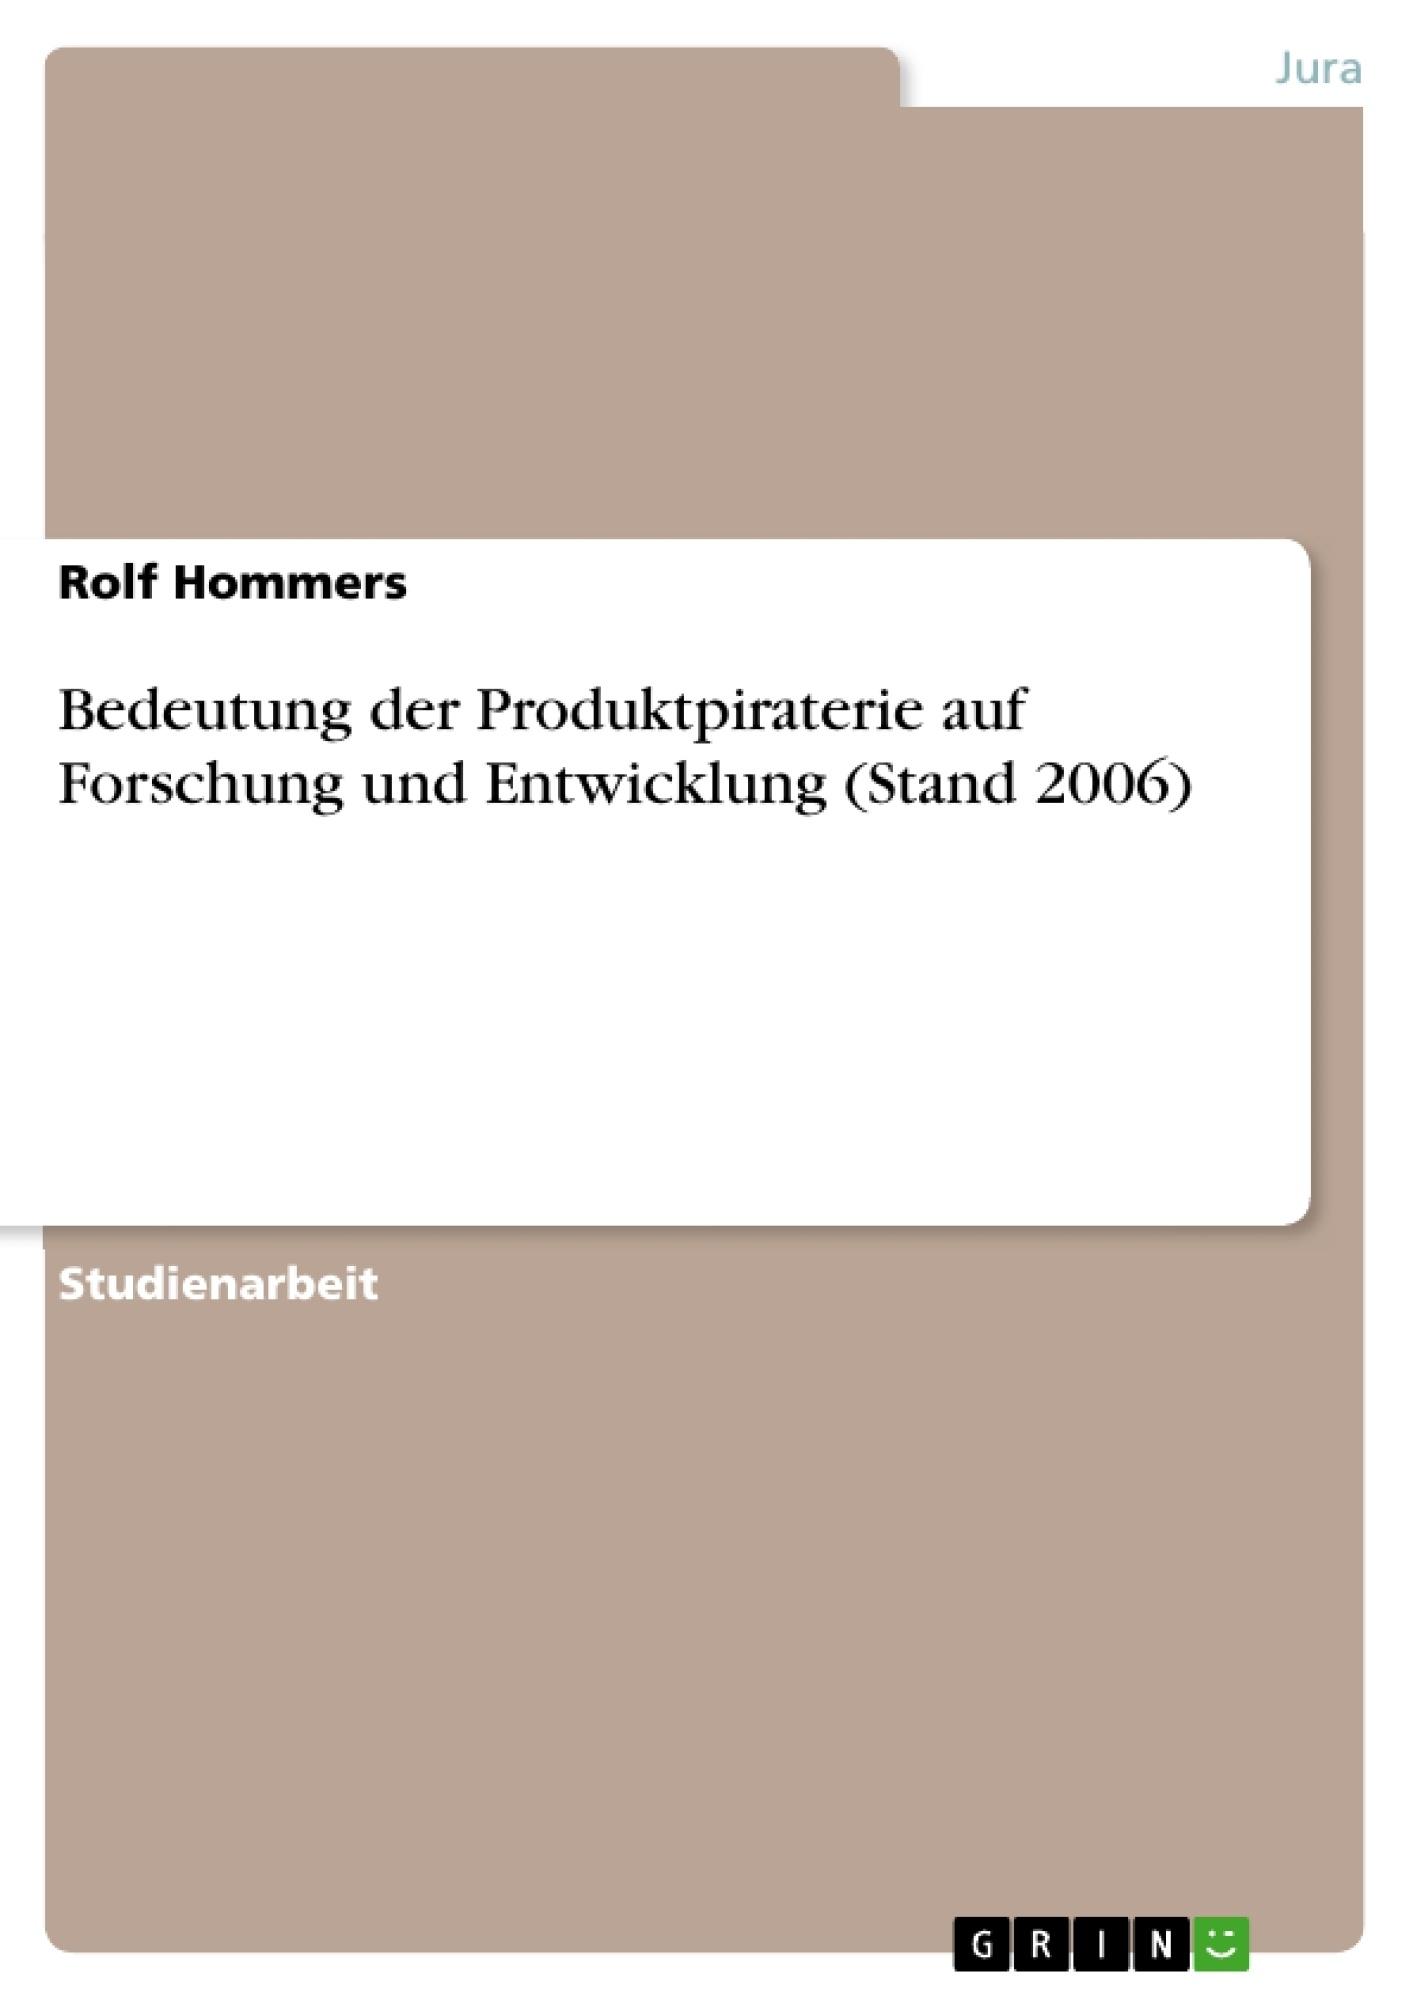 Titel: Bedeutung der Produktpiraterie auf Forschung und Entwicklung (Stand 2006)